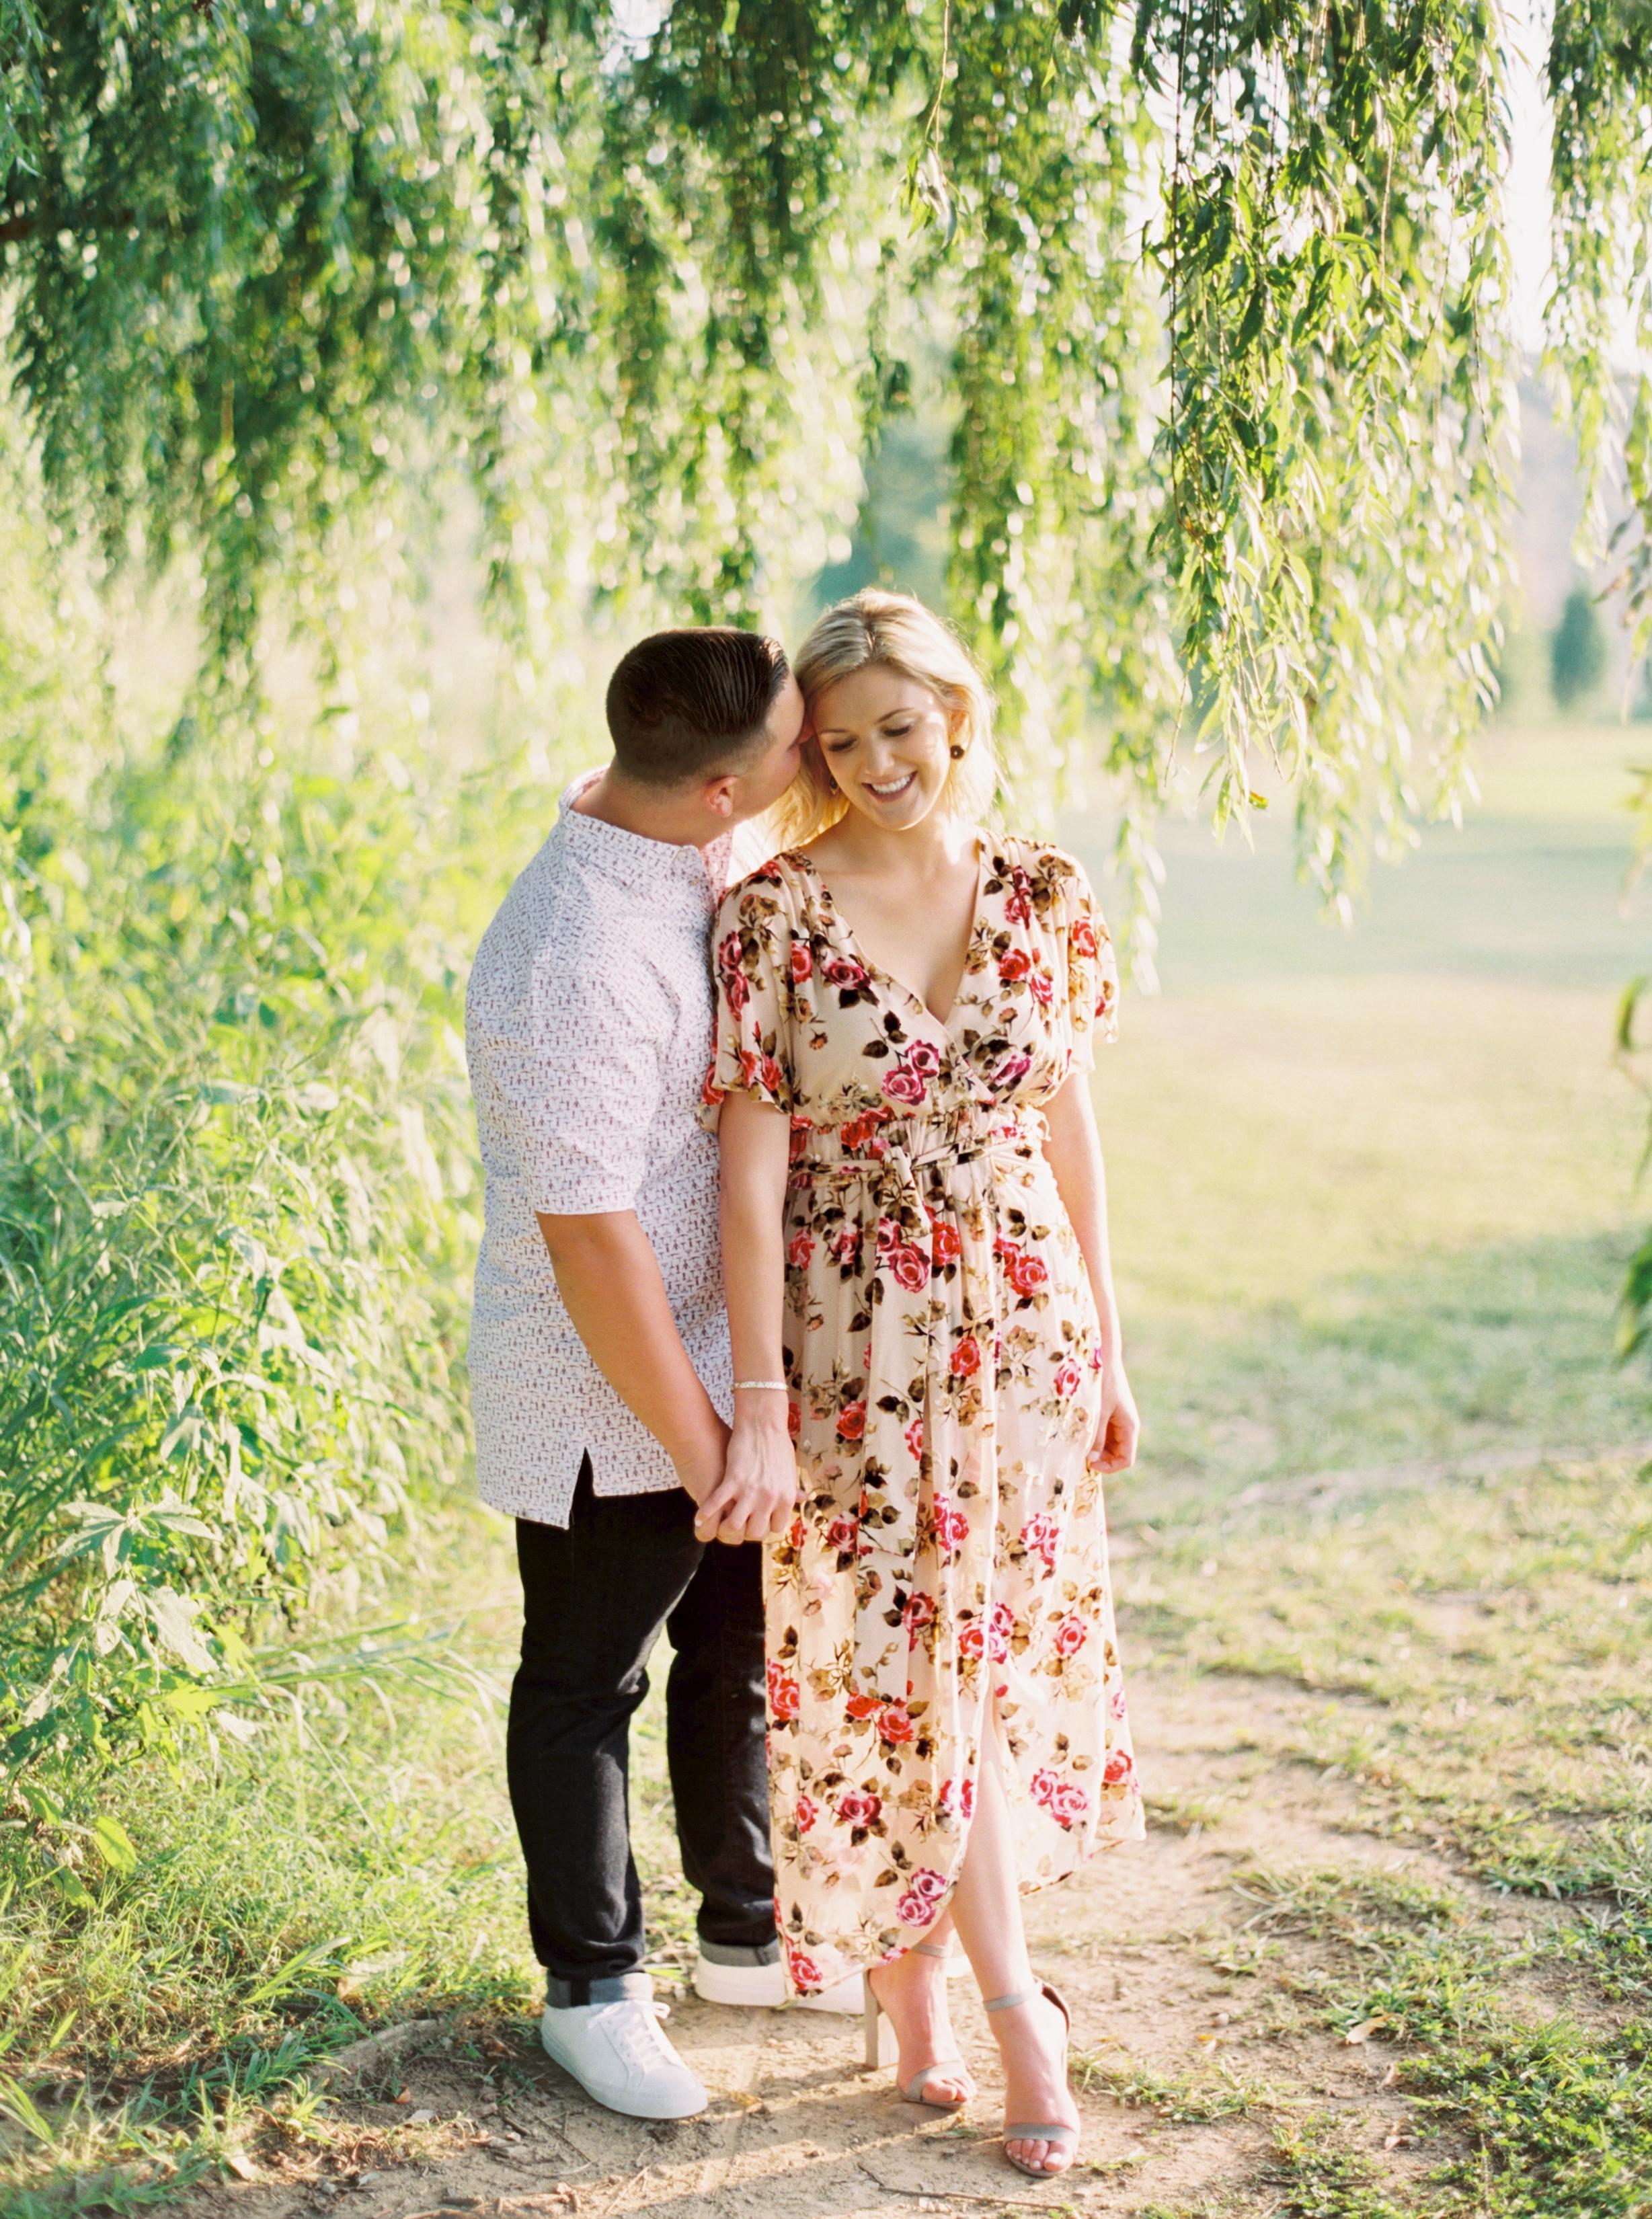 Kelsie_Peyton_Engagement_Abigail_Malone_Photography-163.jpg